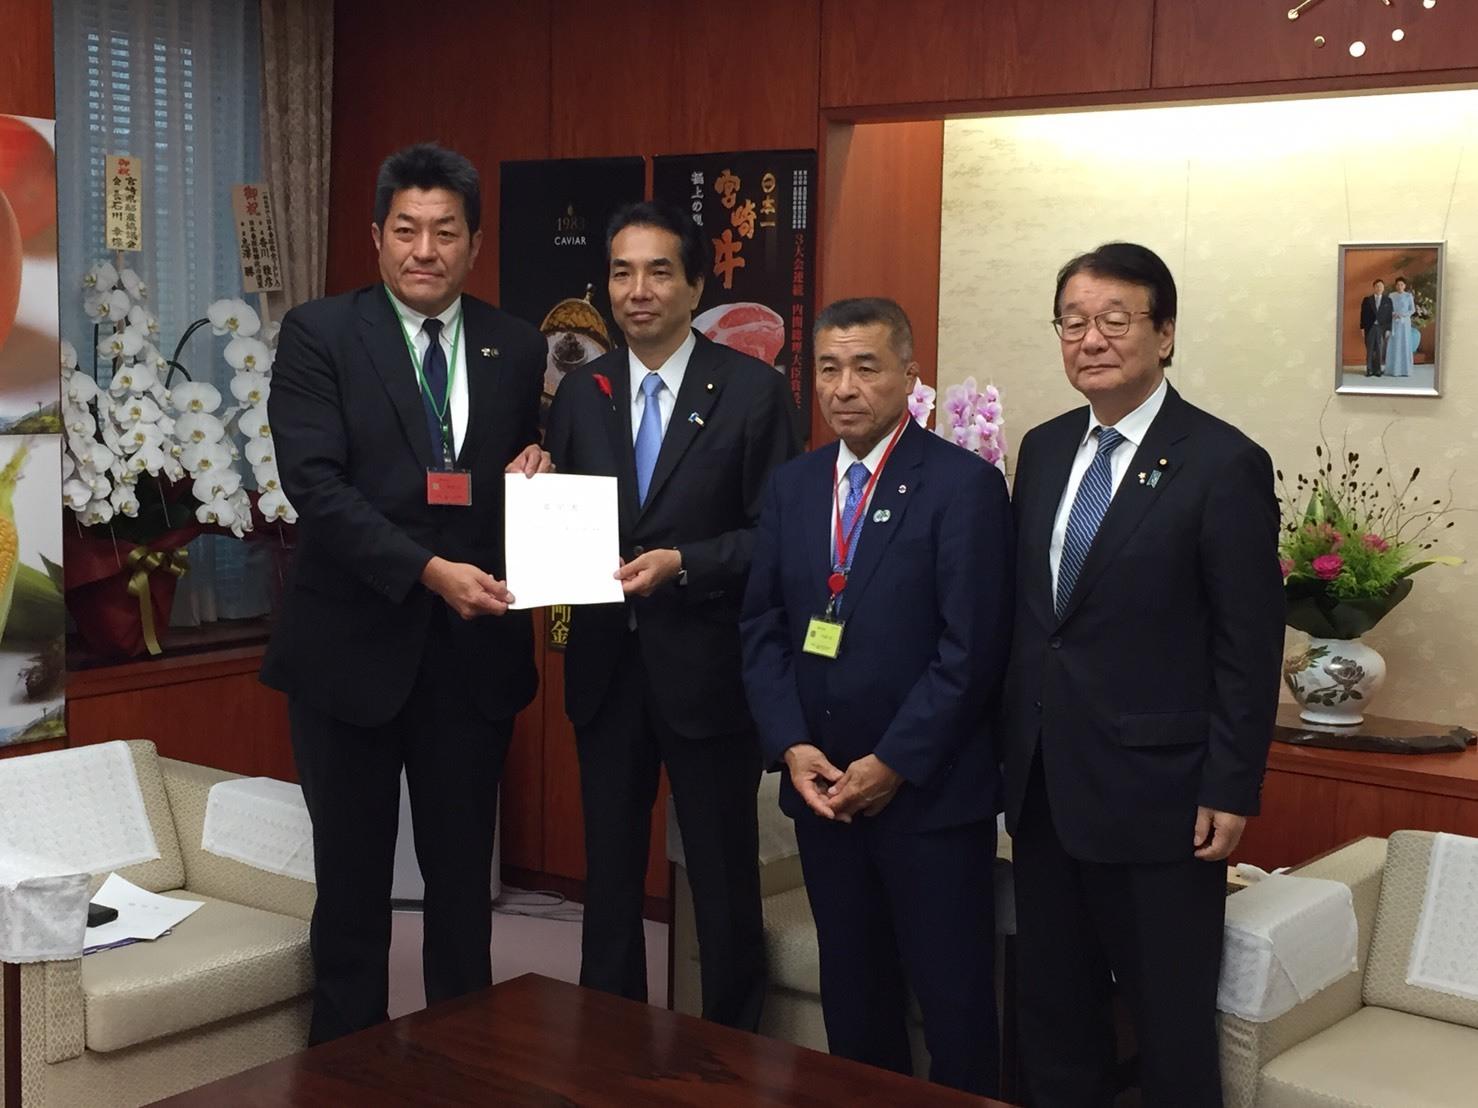 「NHKおはよう日本」の「新閣僚に聞く」_a0143152_19014707.jpeg